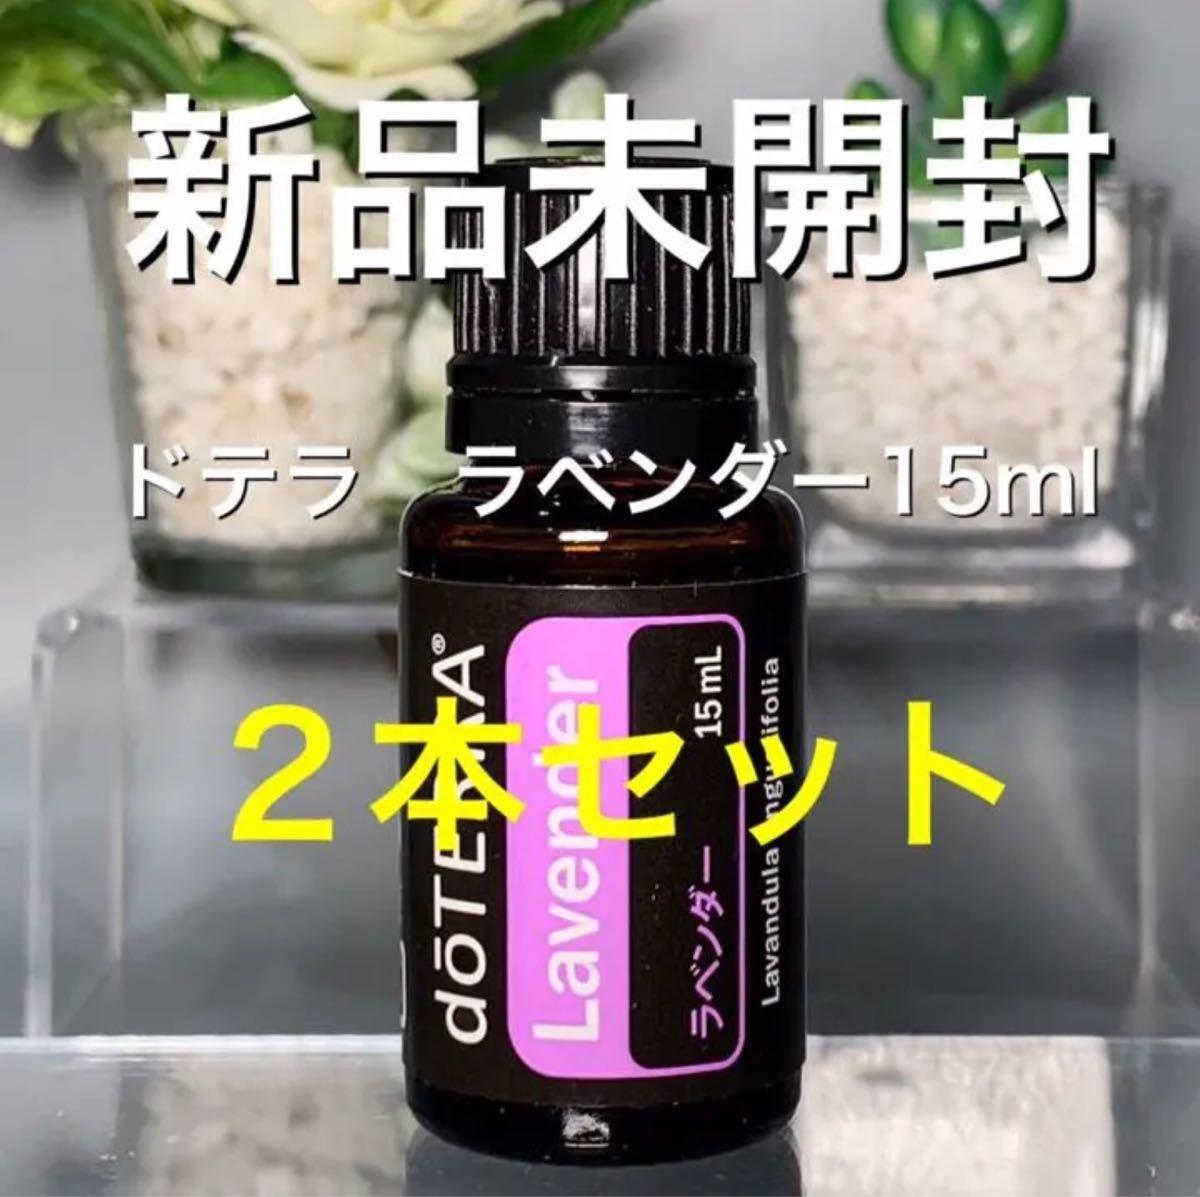 ドテラ ラベンダー 15ml 2本セット★正規品★新品未開封★